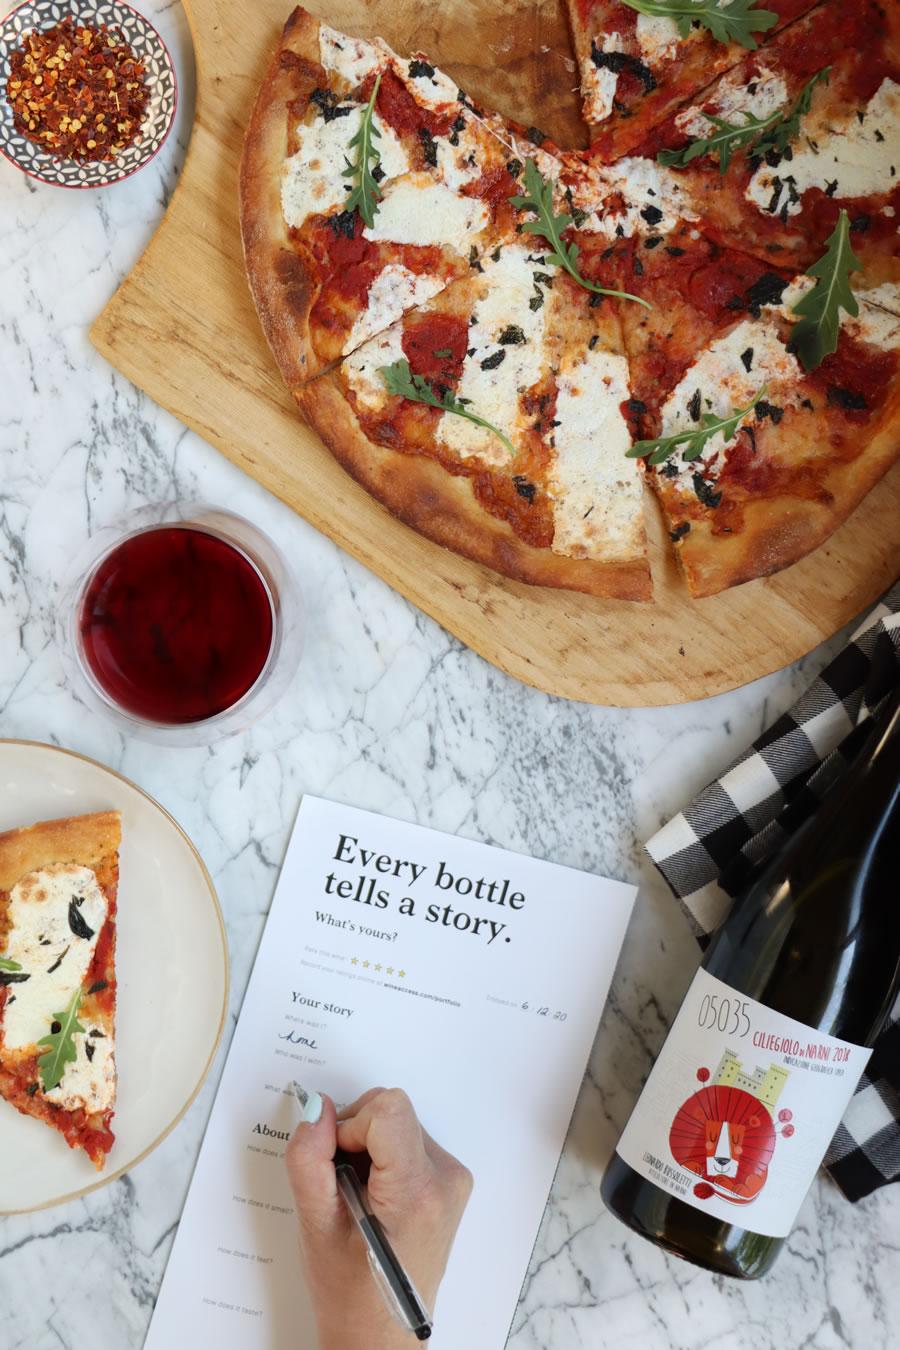 une main remplissant une carte de dégustation de vin et examinant Wine Access à côté de la pizza, un verre de vin et une bouteille